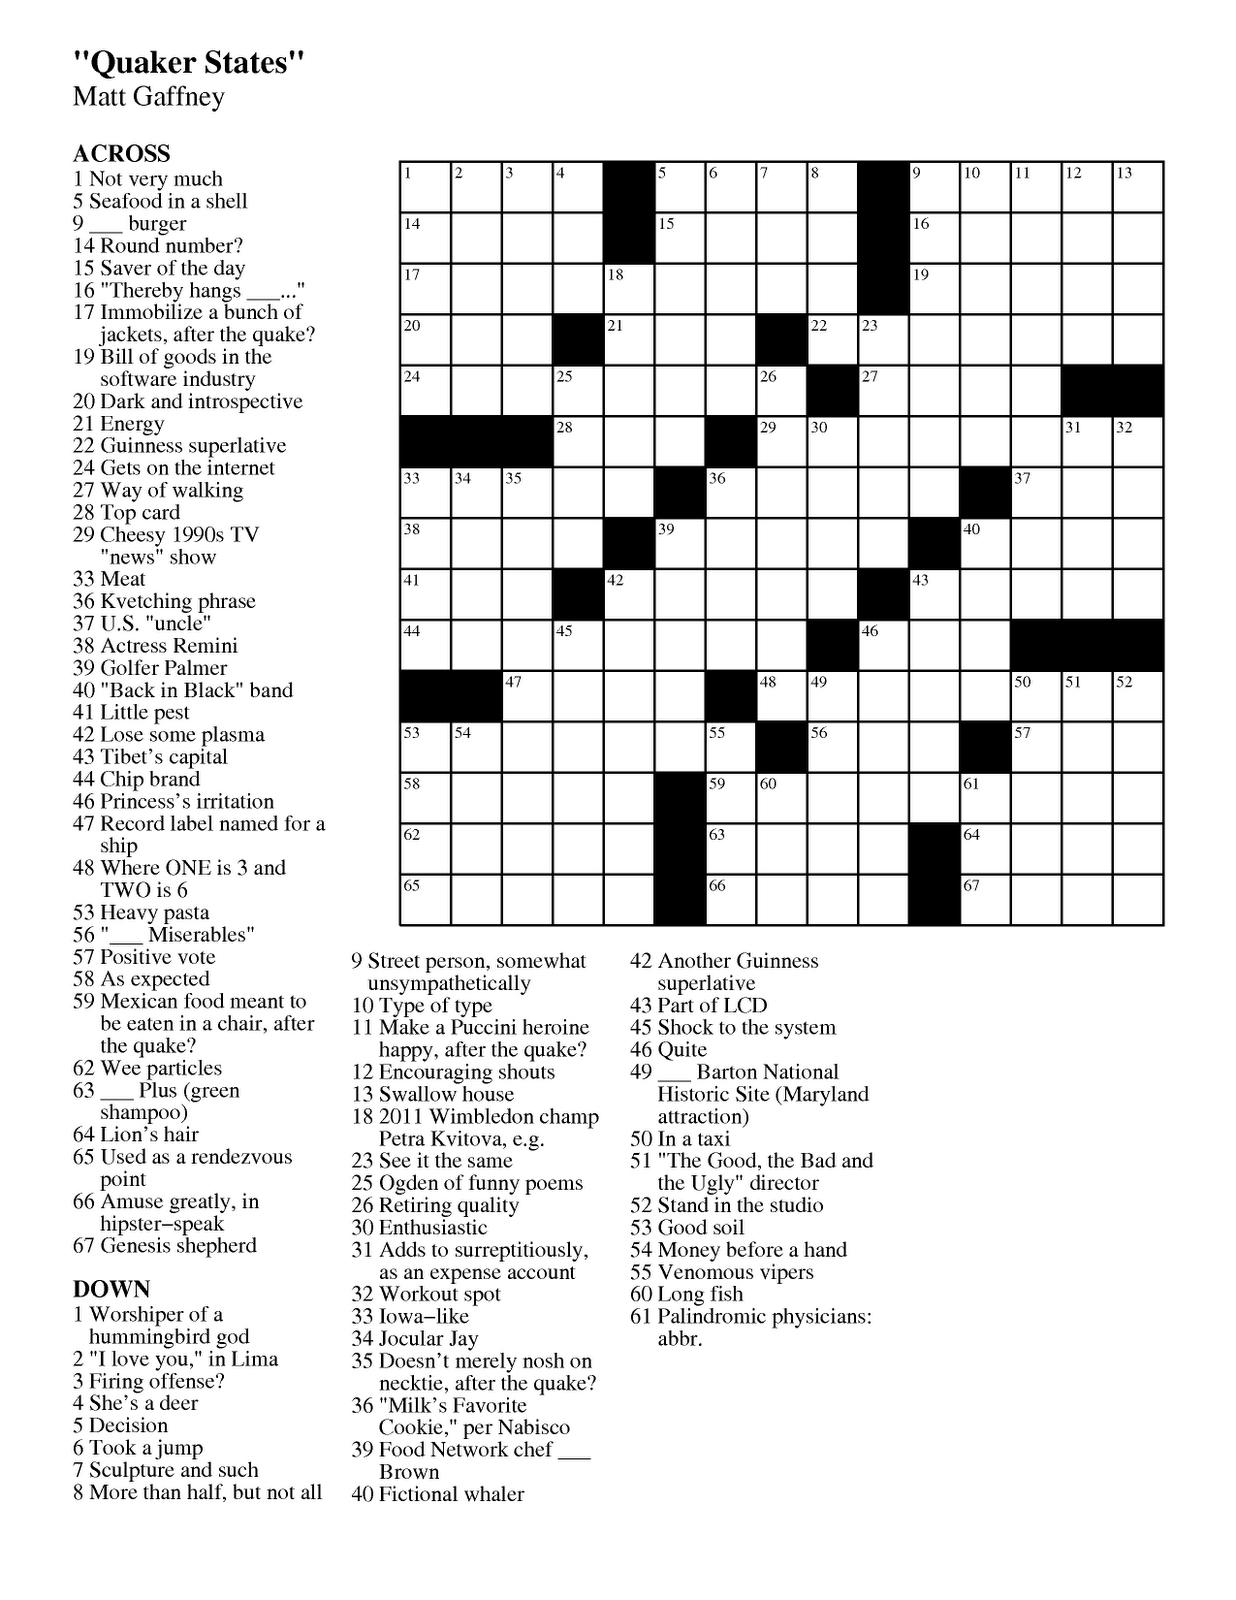 Summer Crossword Puzzle Worksheet - Free Esl Printable Worksheets - Printable Crossword Puzzles School